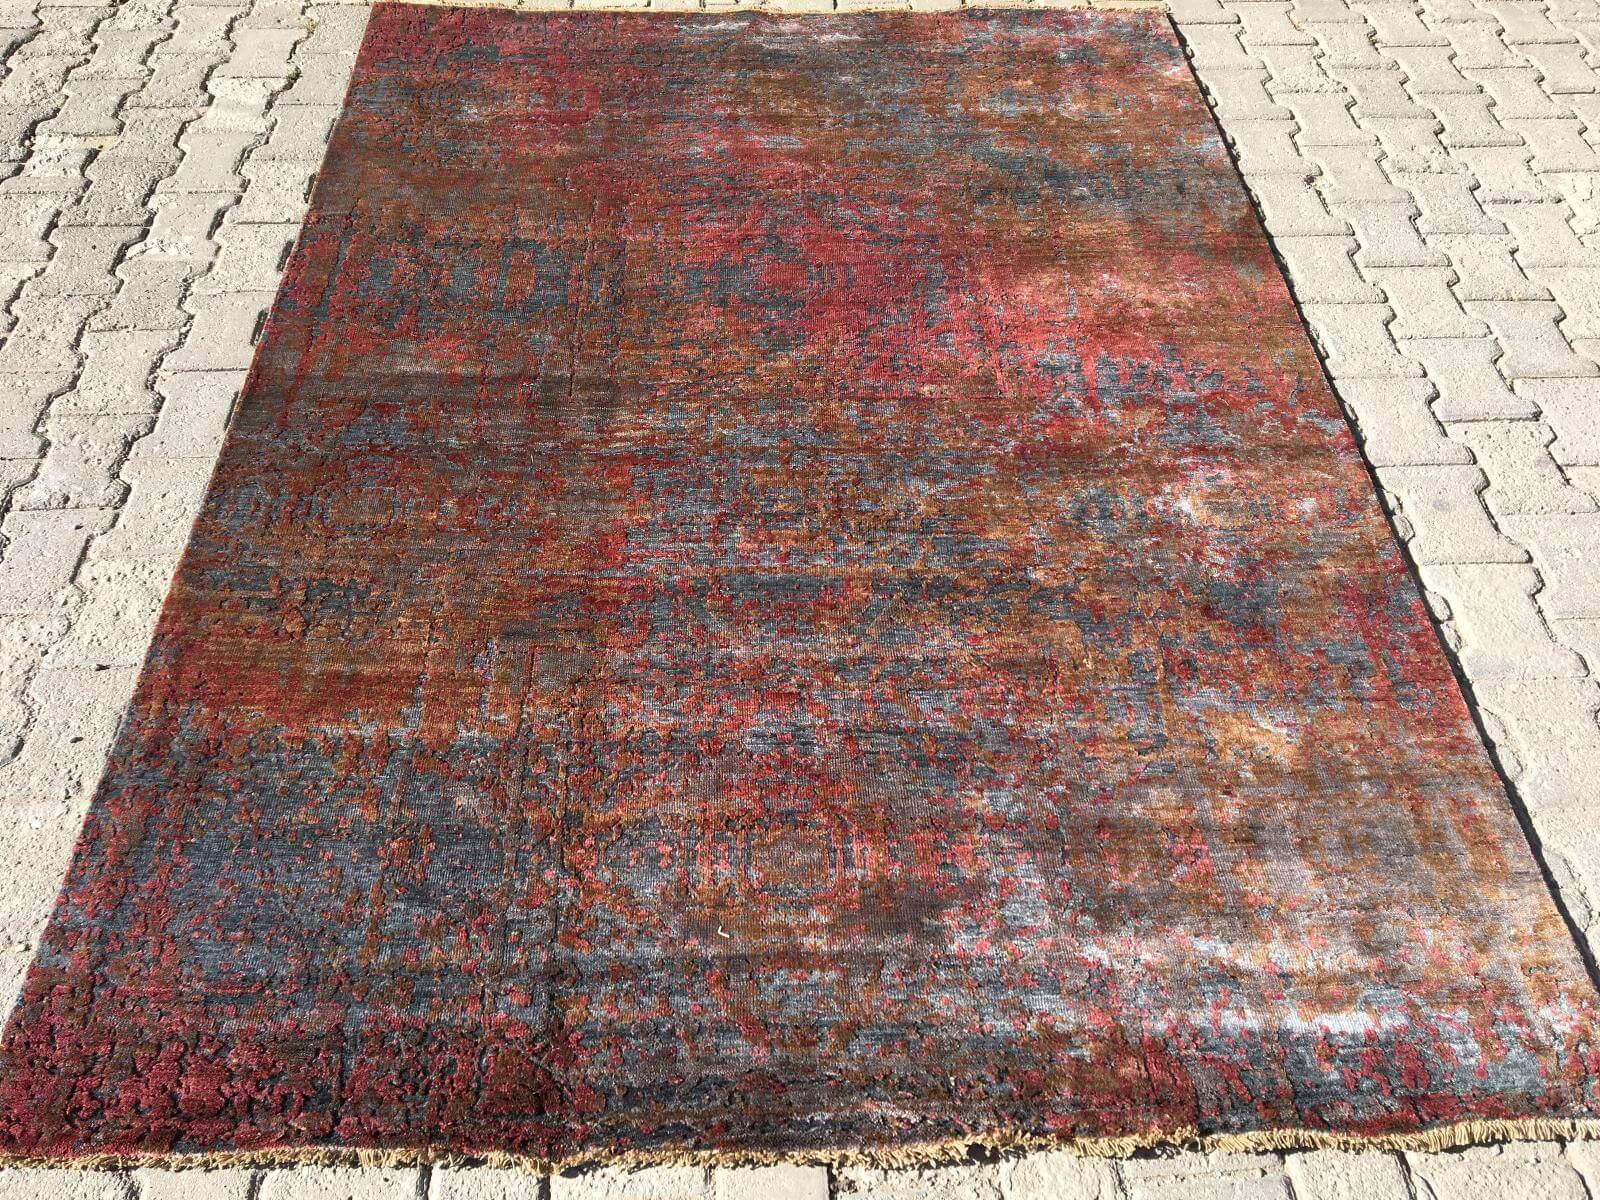 ILLUSION BAMBU EL DOKUMA HALI 173X245 İllusion Bambu El Dokuma Halı